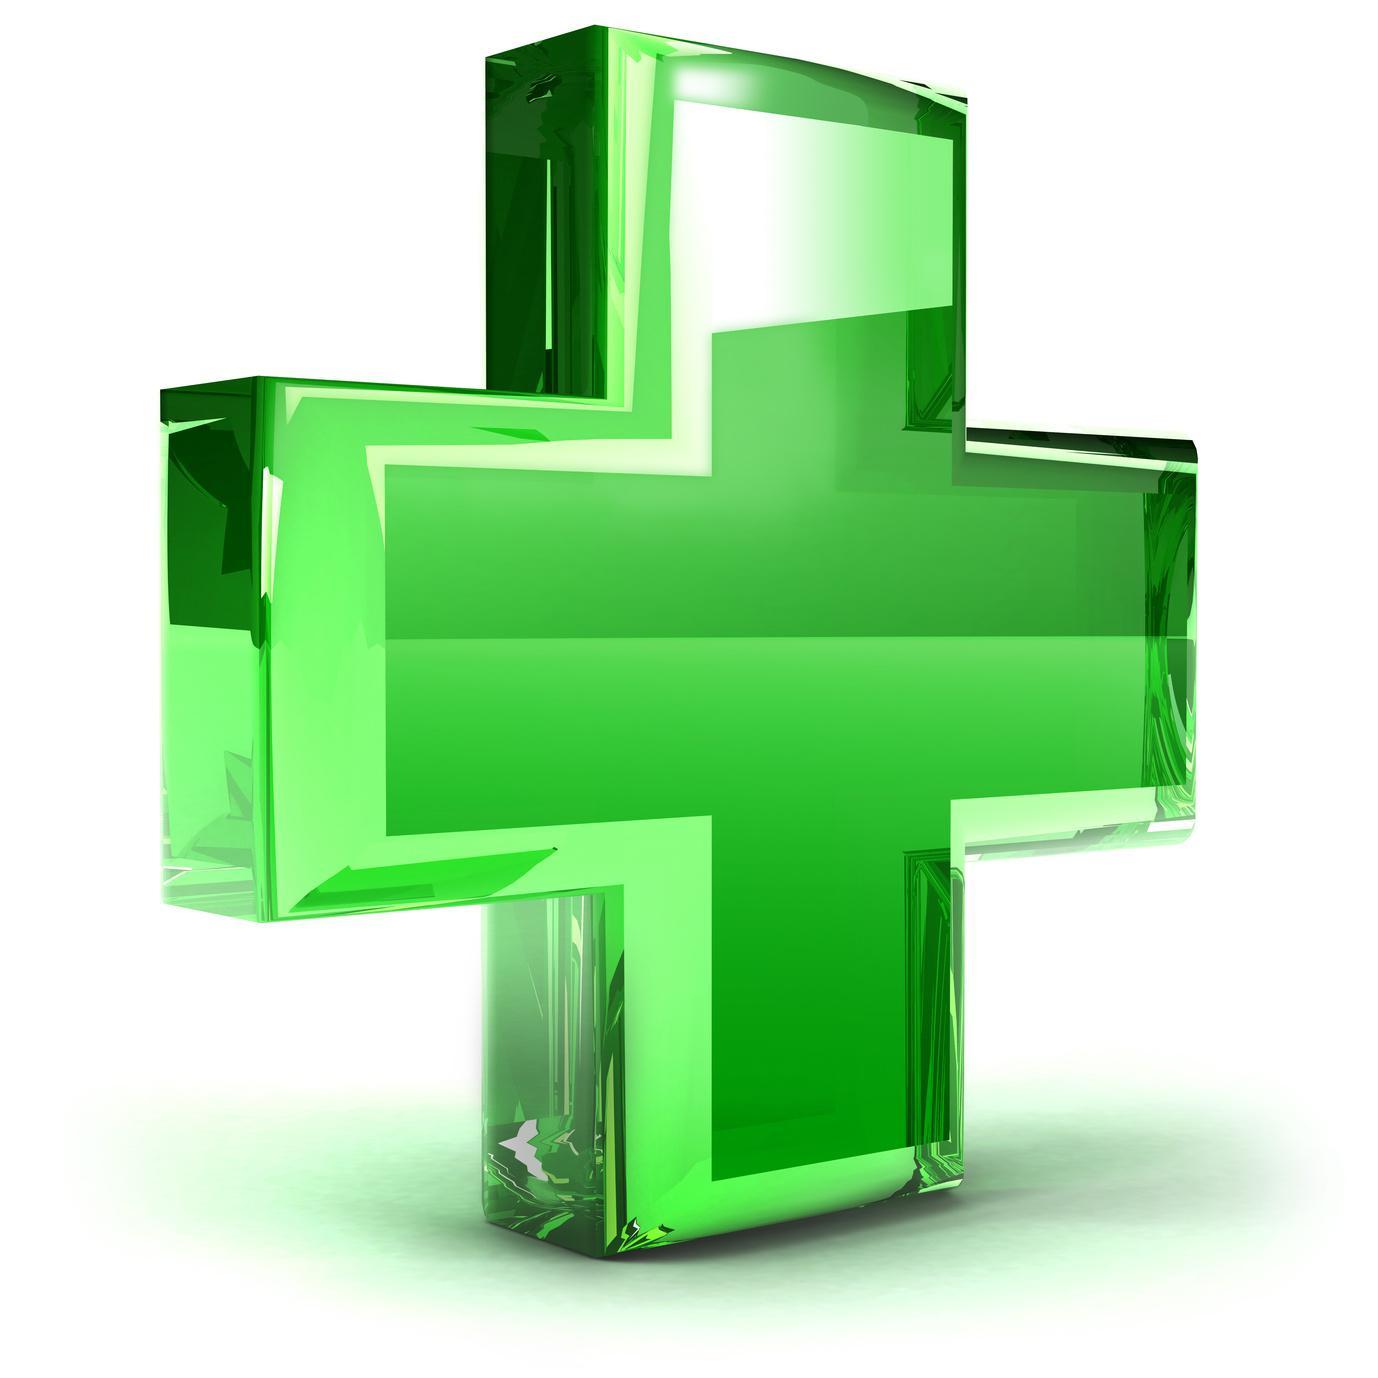 Guadarrama volverá a tener servicio de farmacia de guardia 24 horas a partir del 24 de enero